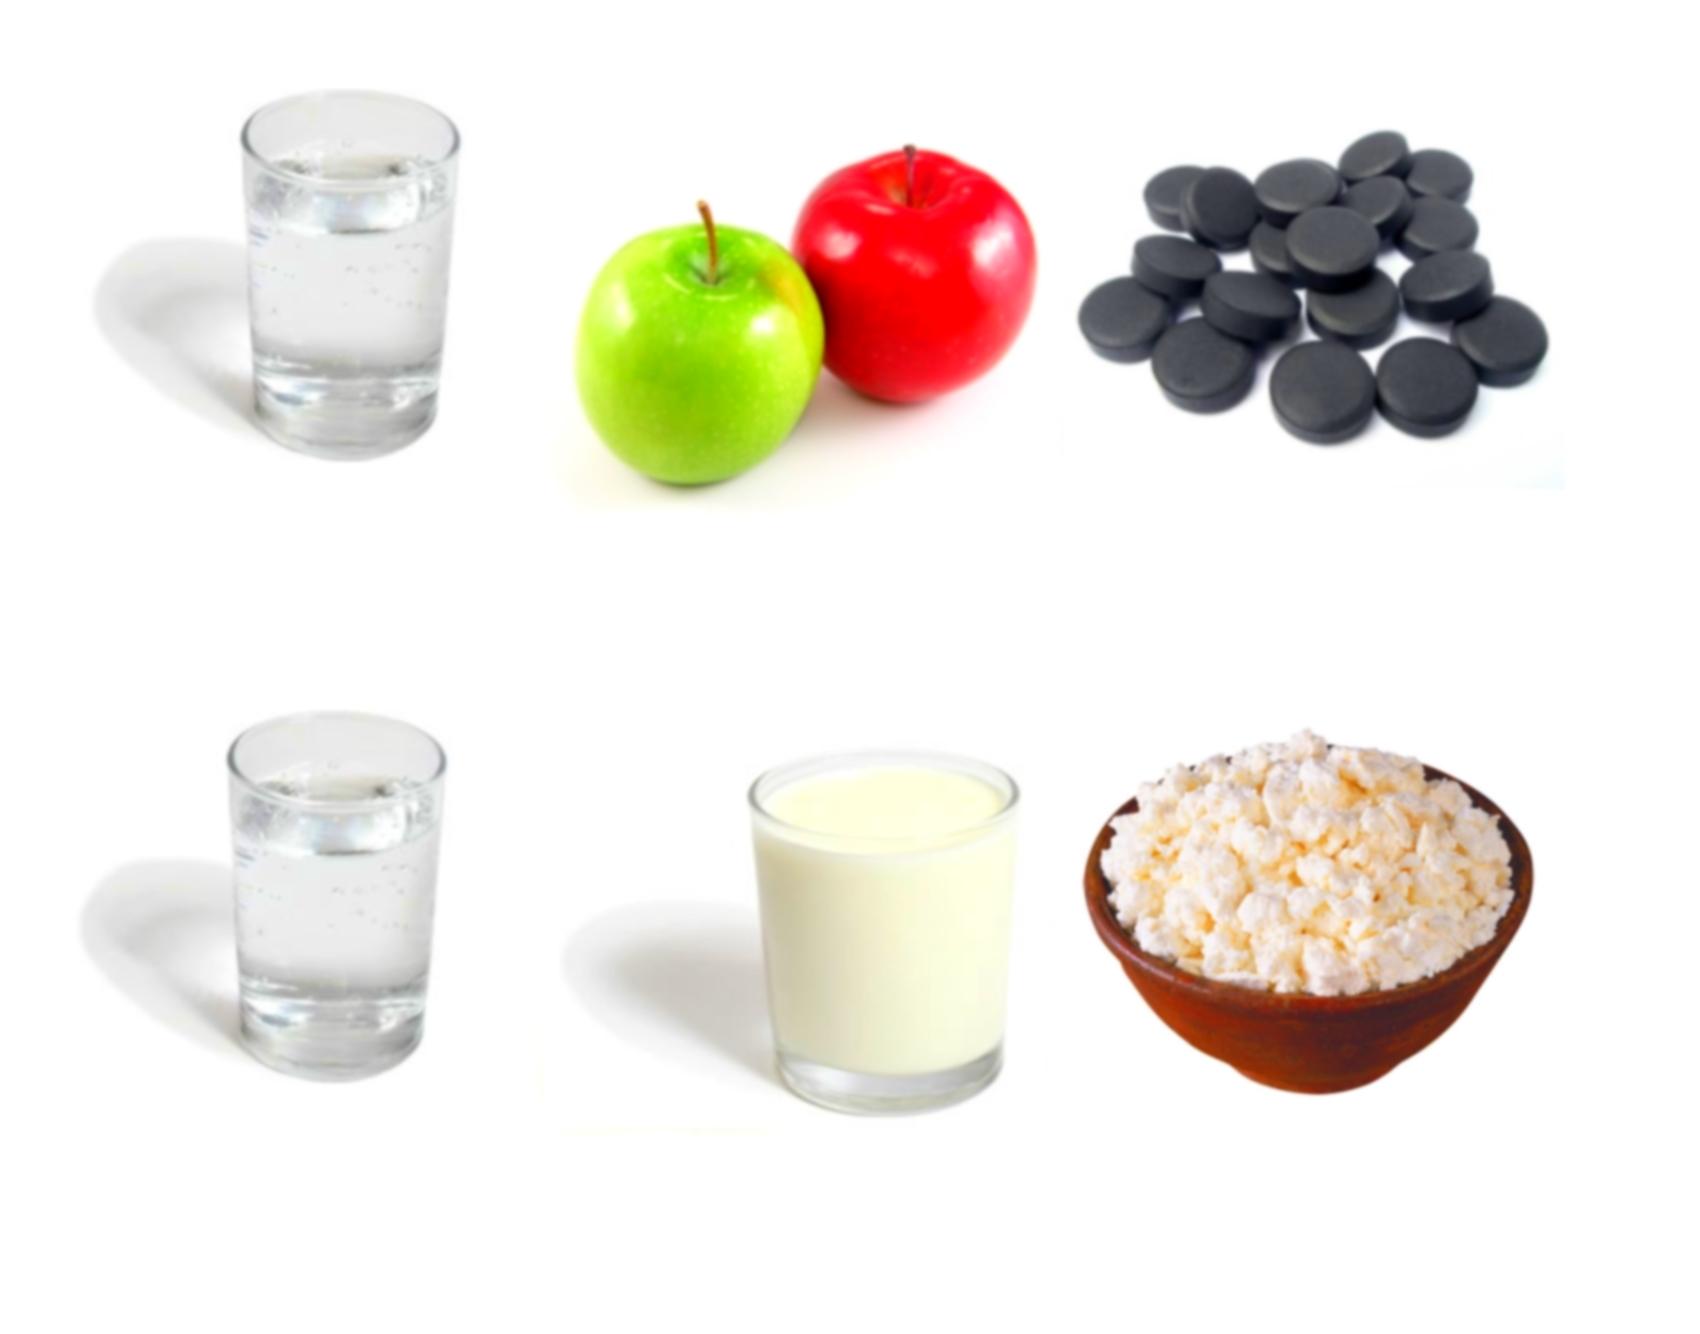 Эффективные Диеты Для Похудения Лесенка. Диета Лесенка